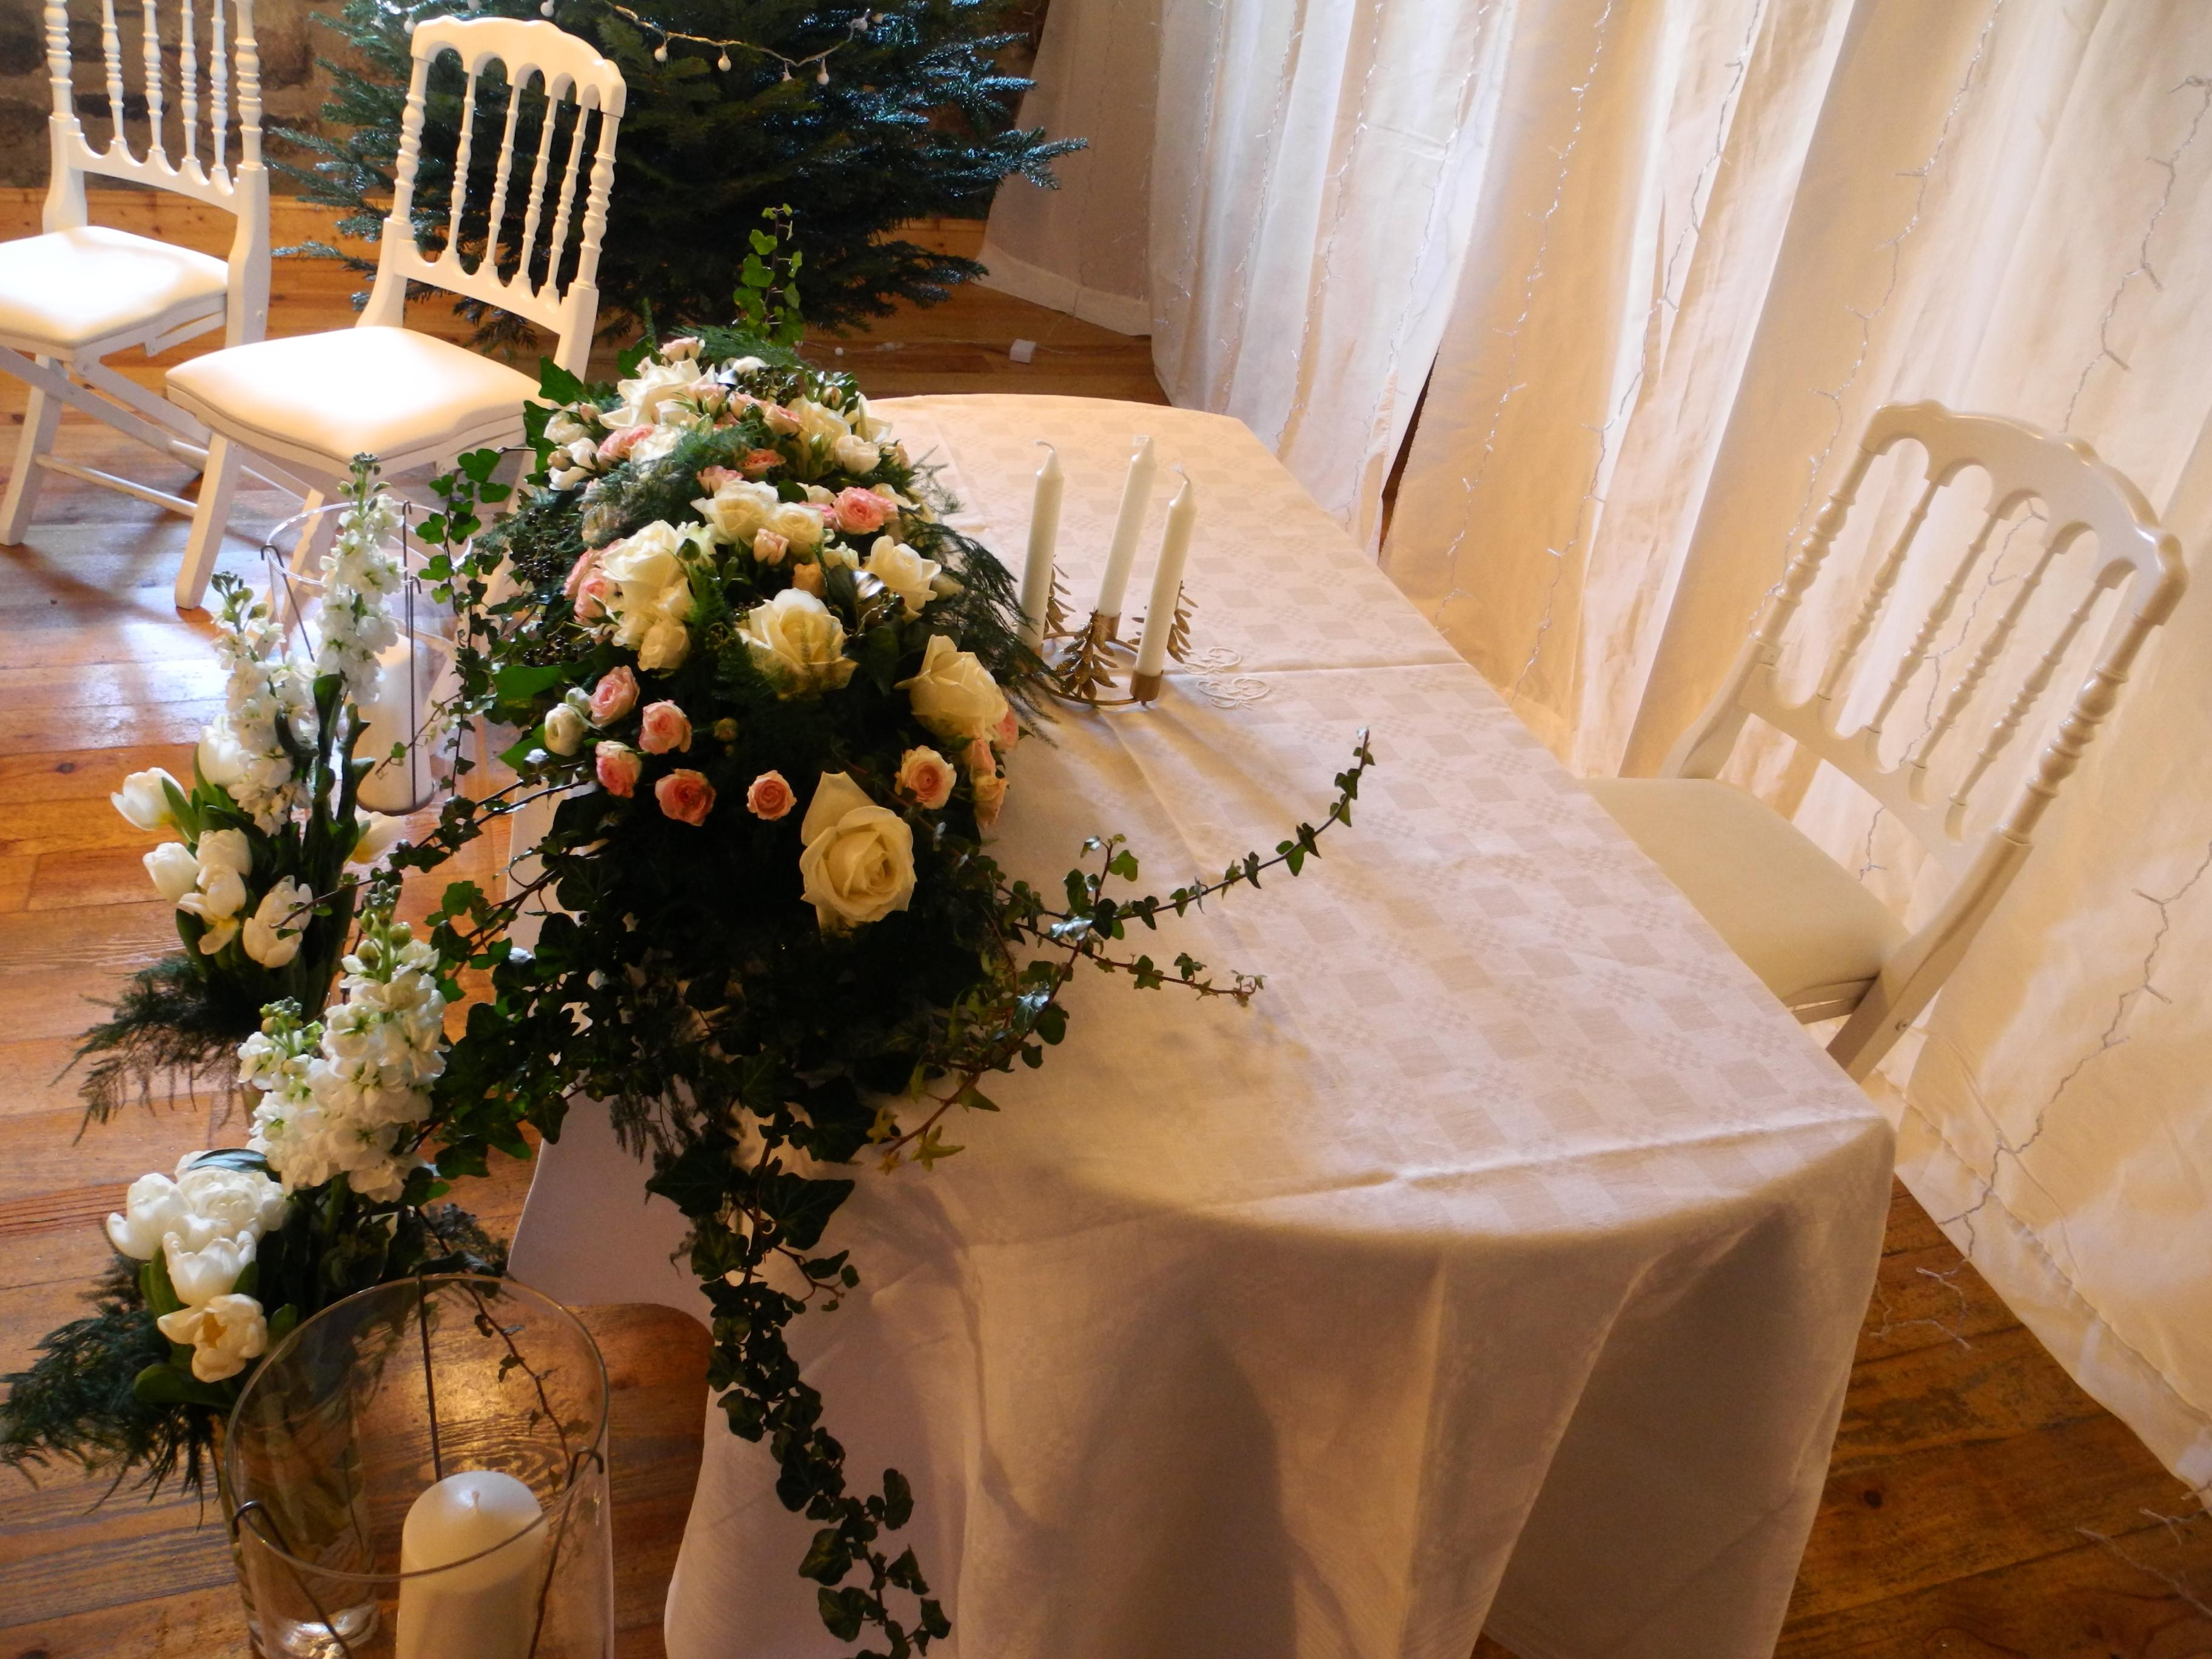 Mon mariage d'hiver à la lueur des bougies : les bases de notre cérémonie laïque